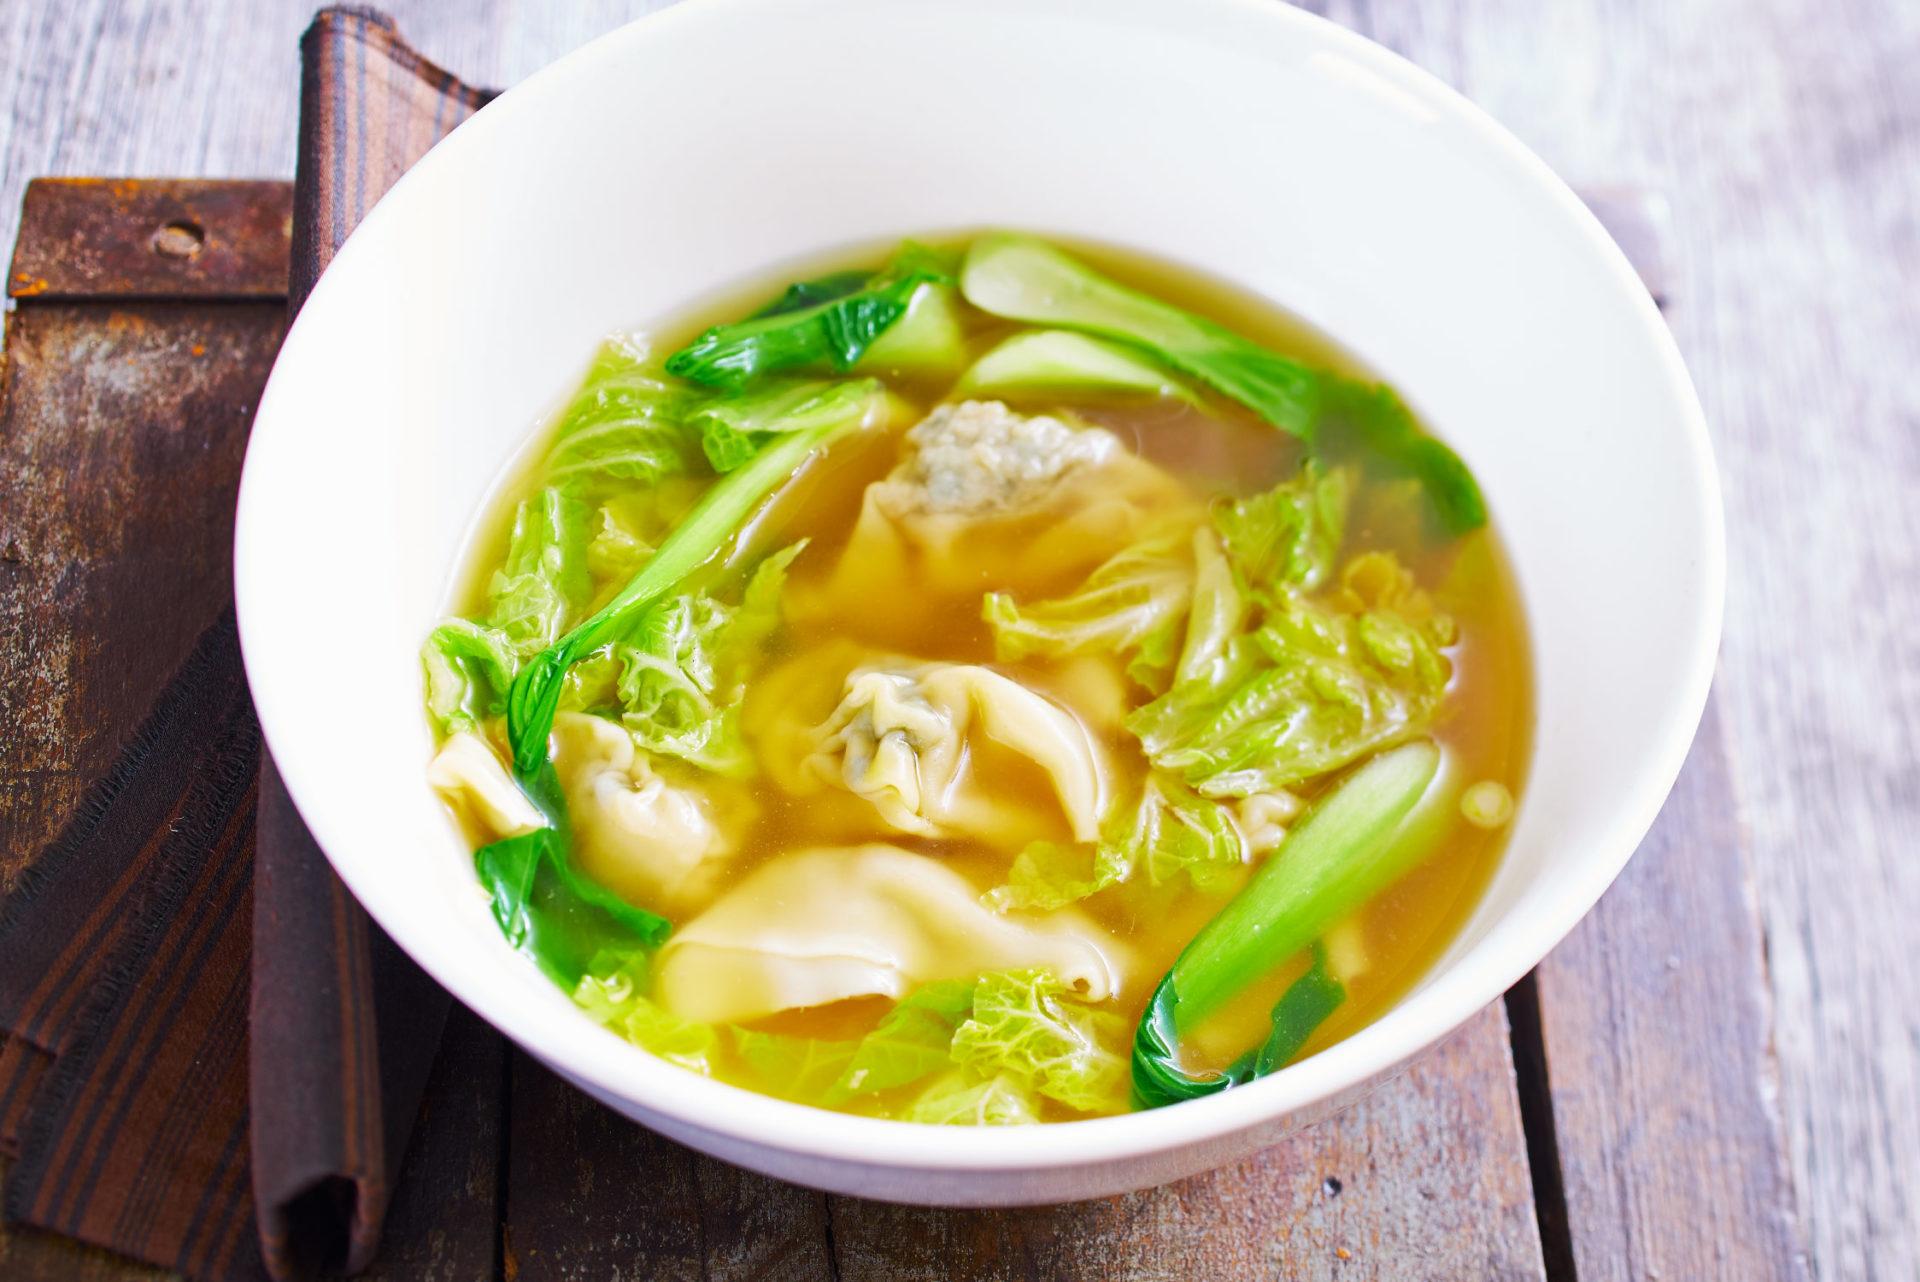 Wan Tan Suppe mit Teigtaschen, gefüllt mit Spinat und Schweinefleisch